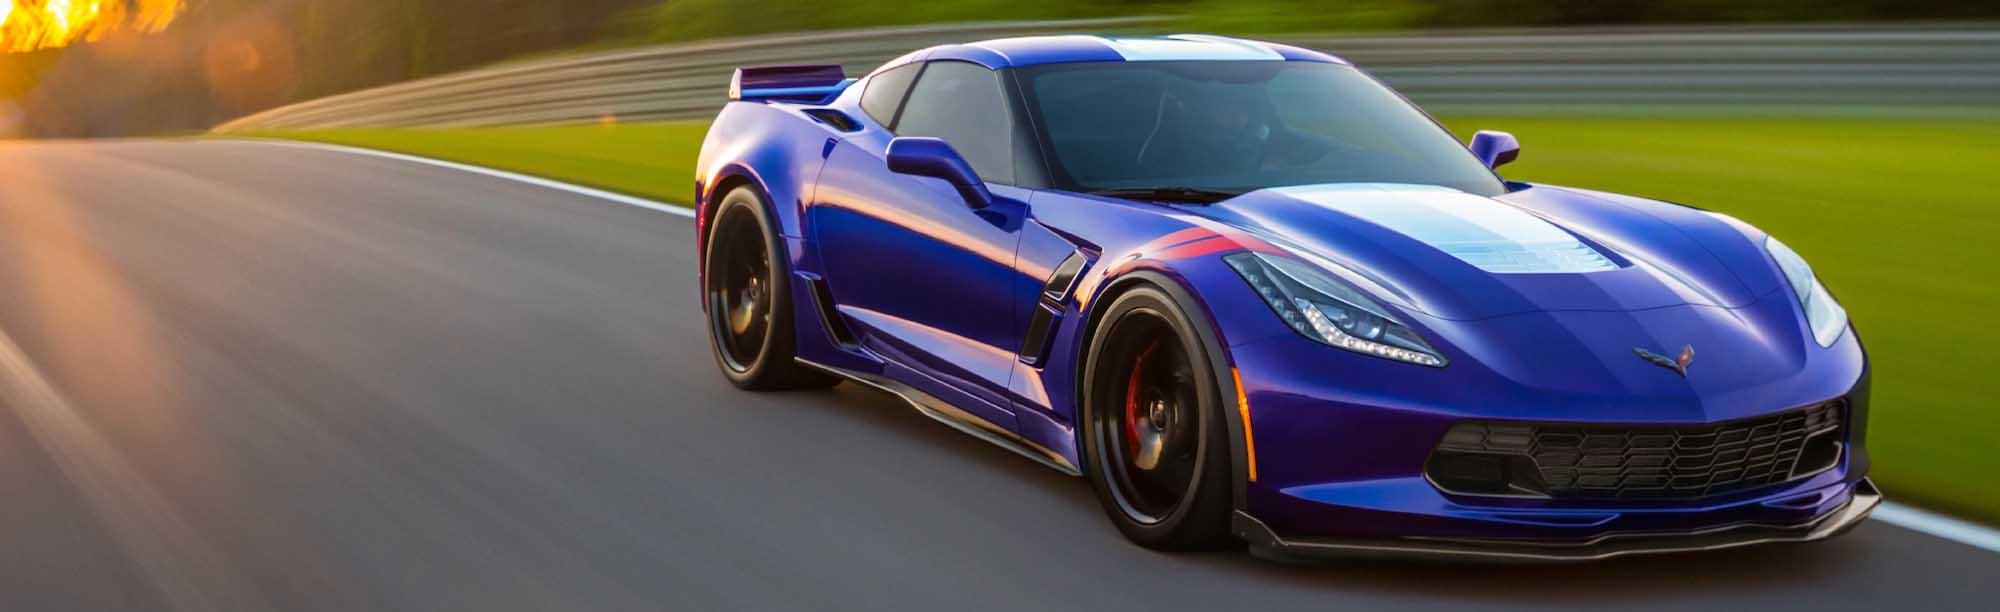 2020 Corvette Grand Sport On Road